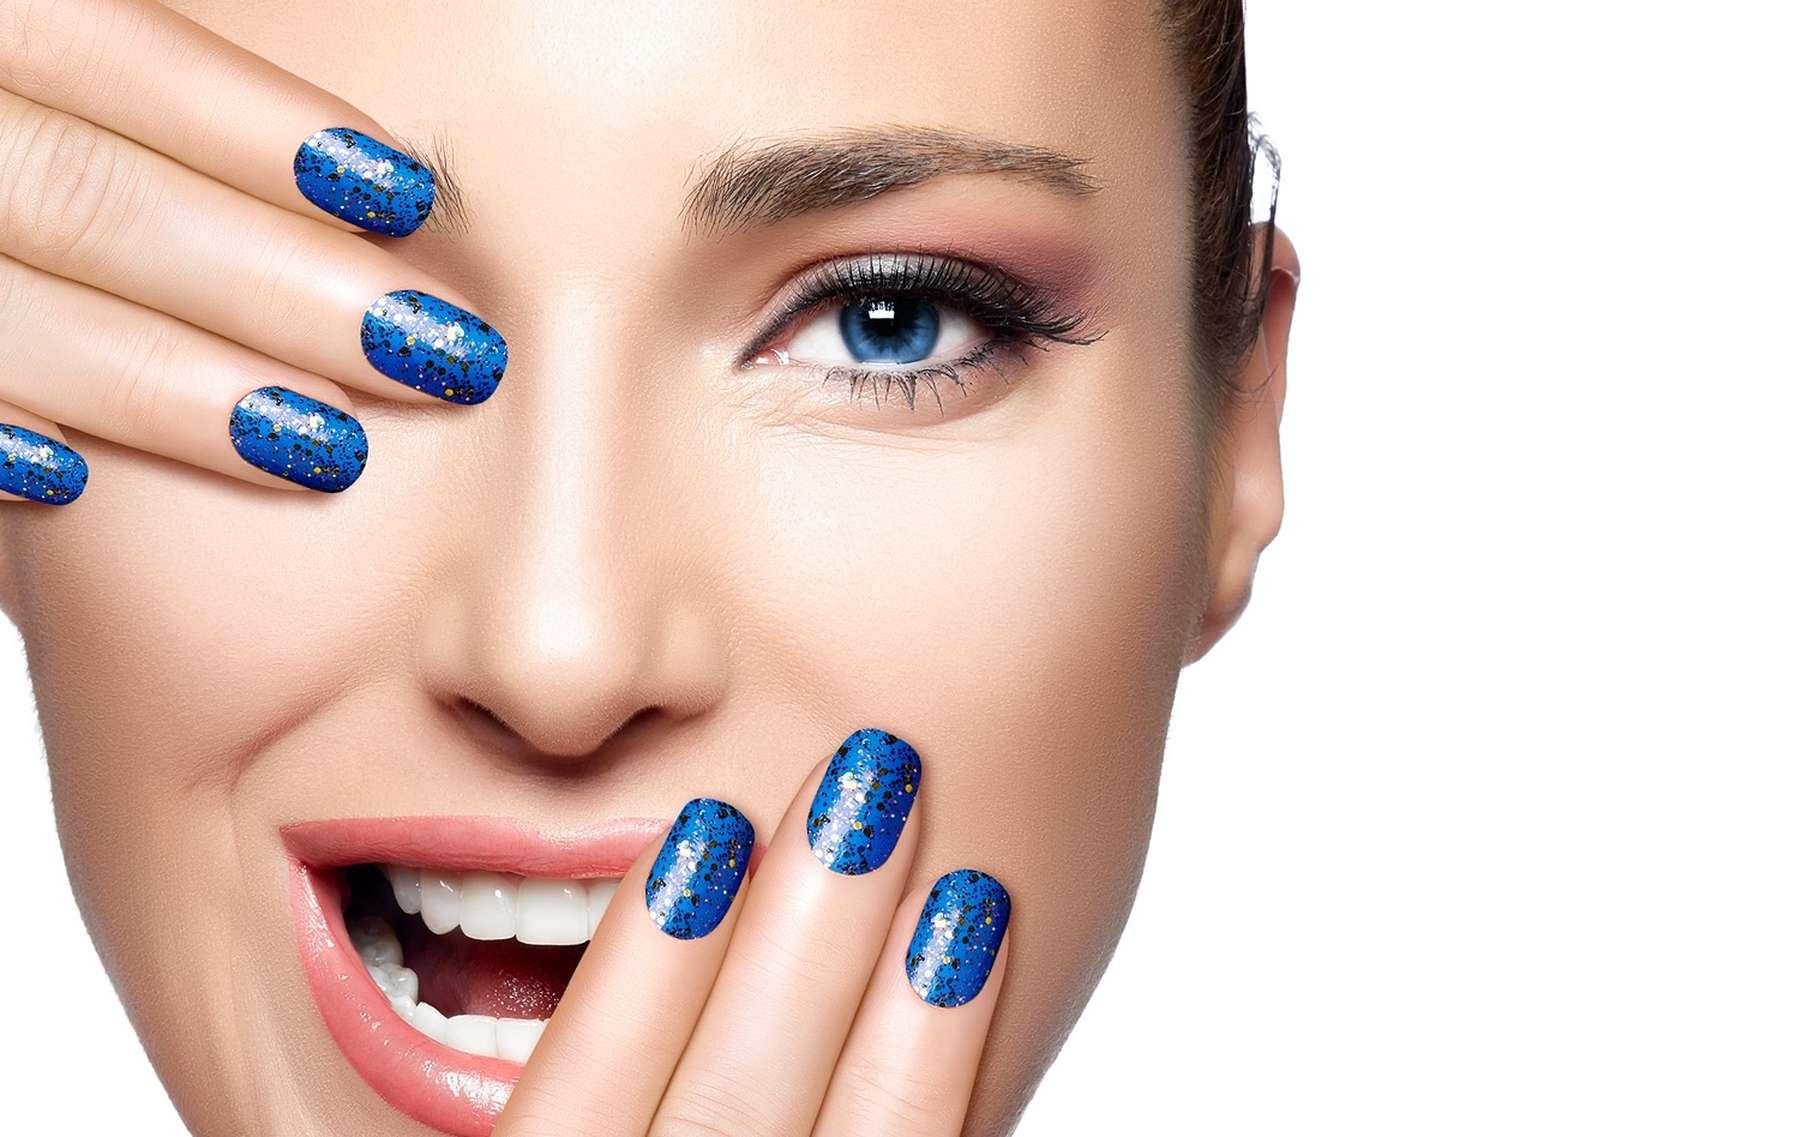 Se faire poser des faux ongles, bonne ou mauvaise idée ? © Casther, Shutterstock